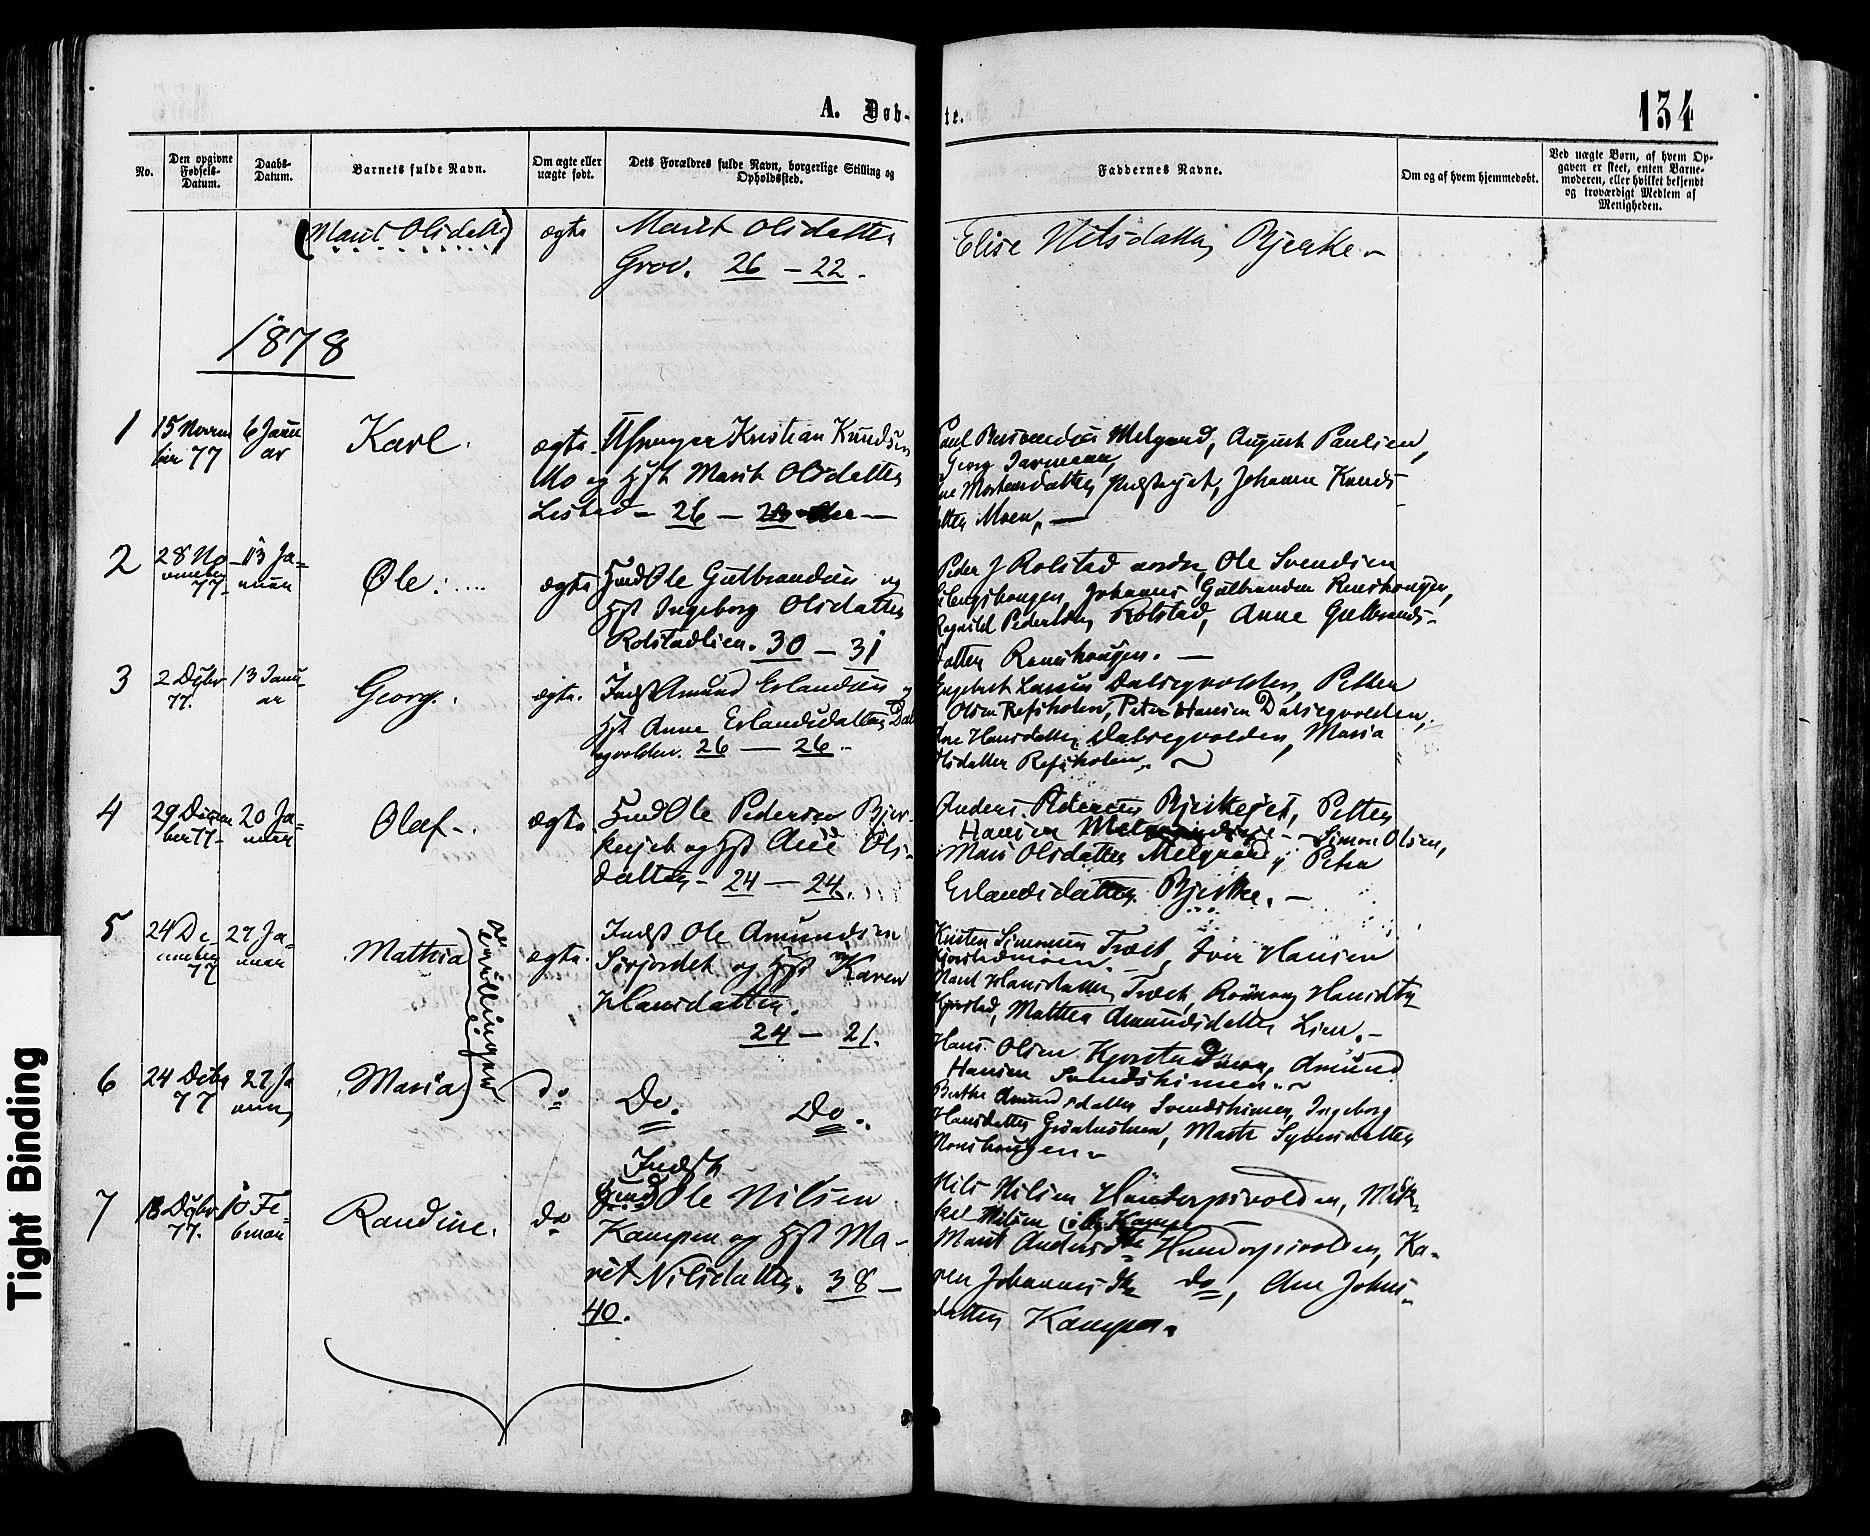 SAH, Sør-Fron prestekontor, H/Ha/Haa/L0002: Ministerialbok nr. 2, 1864-1880, s. 134